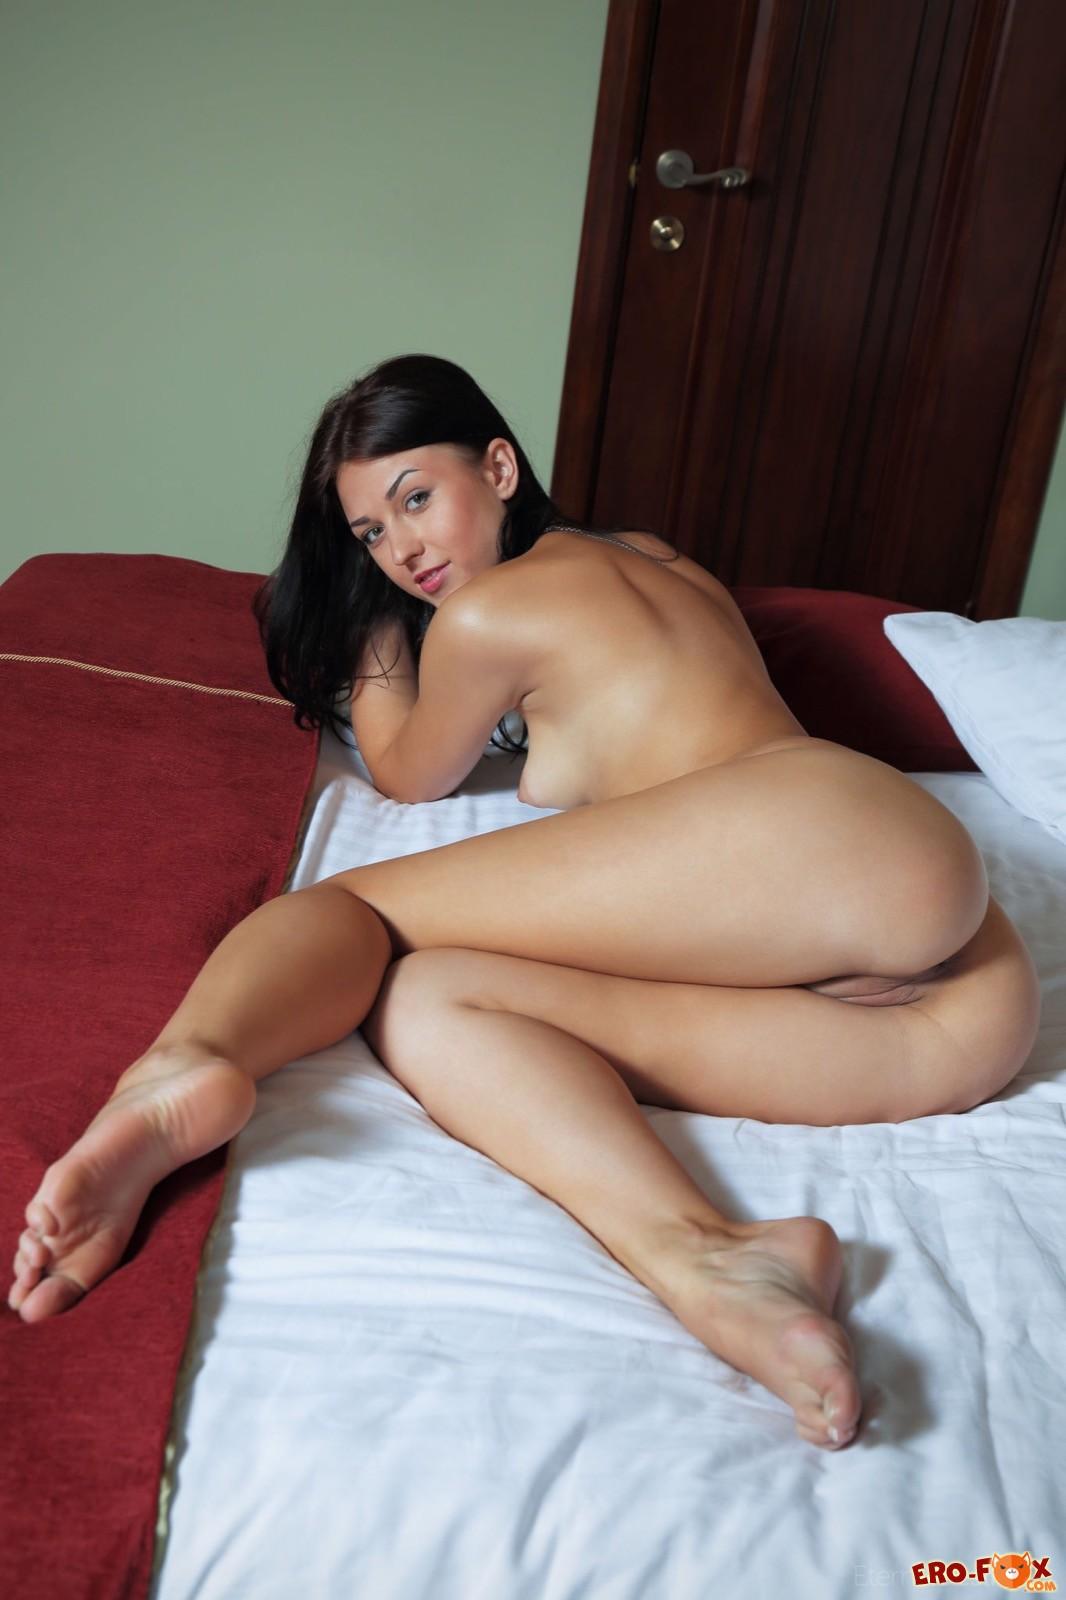 Брюнетка в сексуальных колготках позирует в спальне